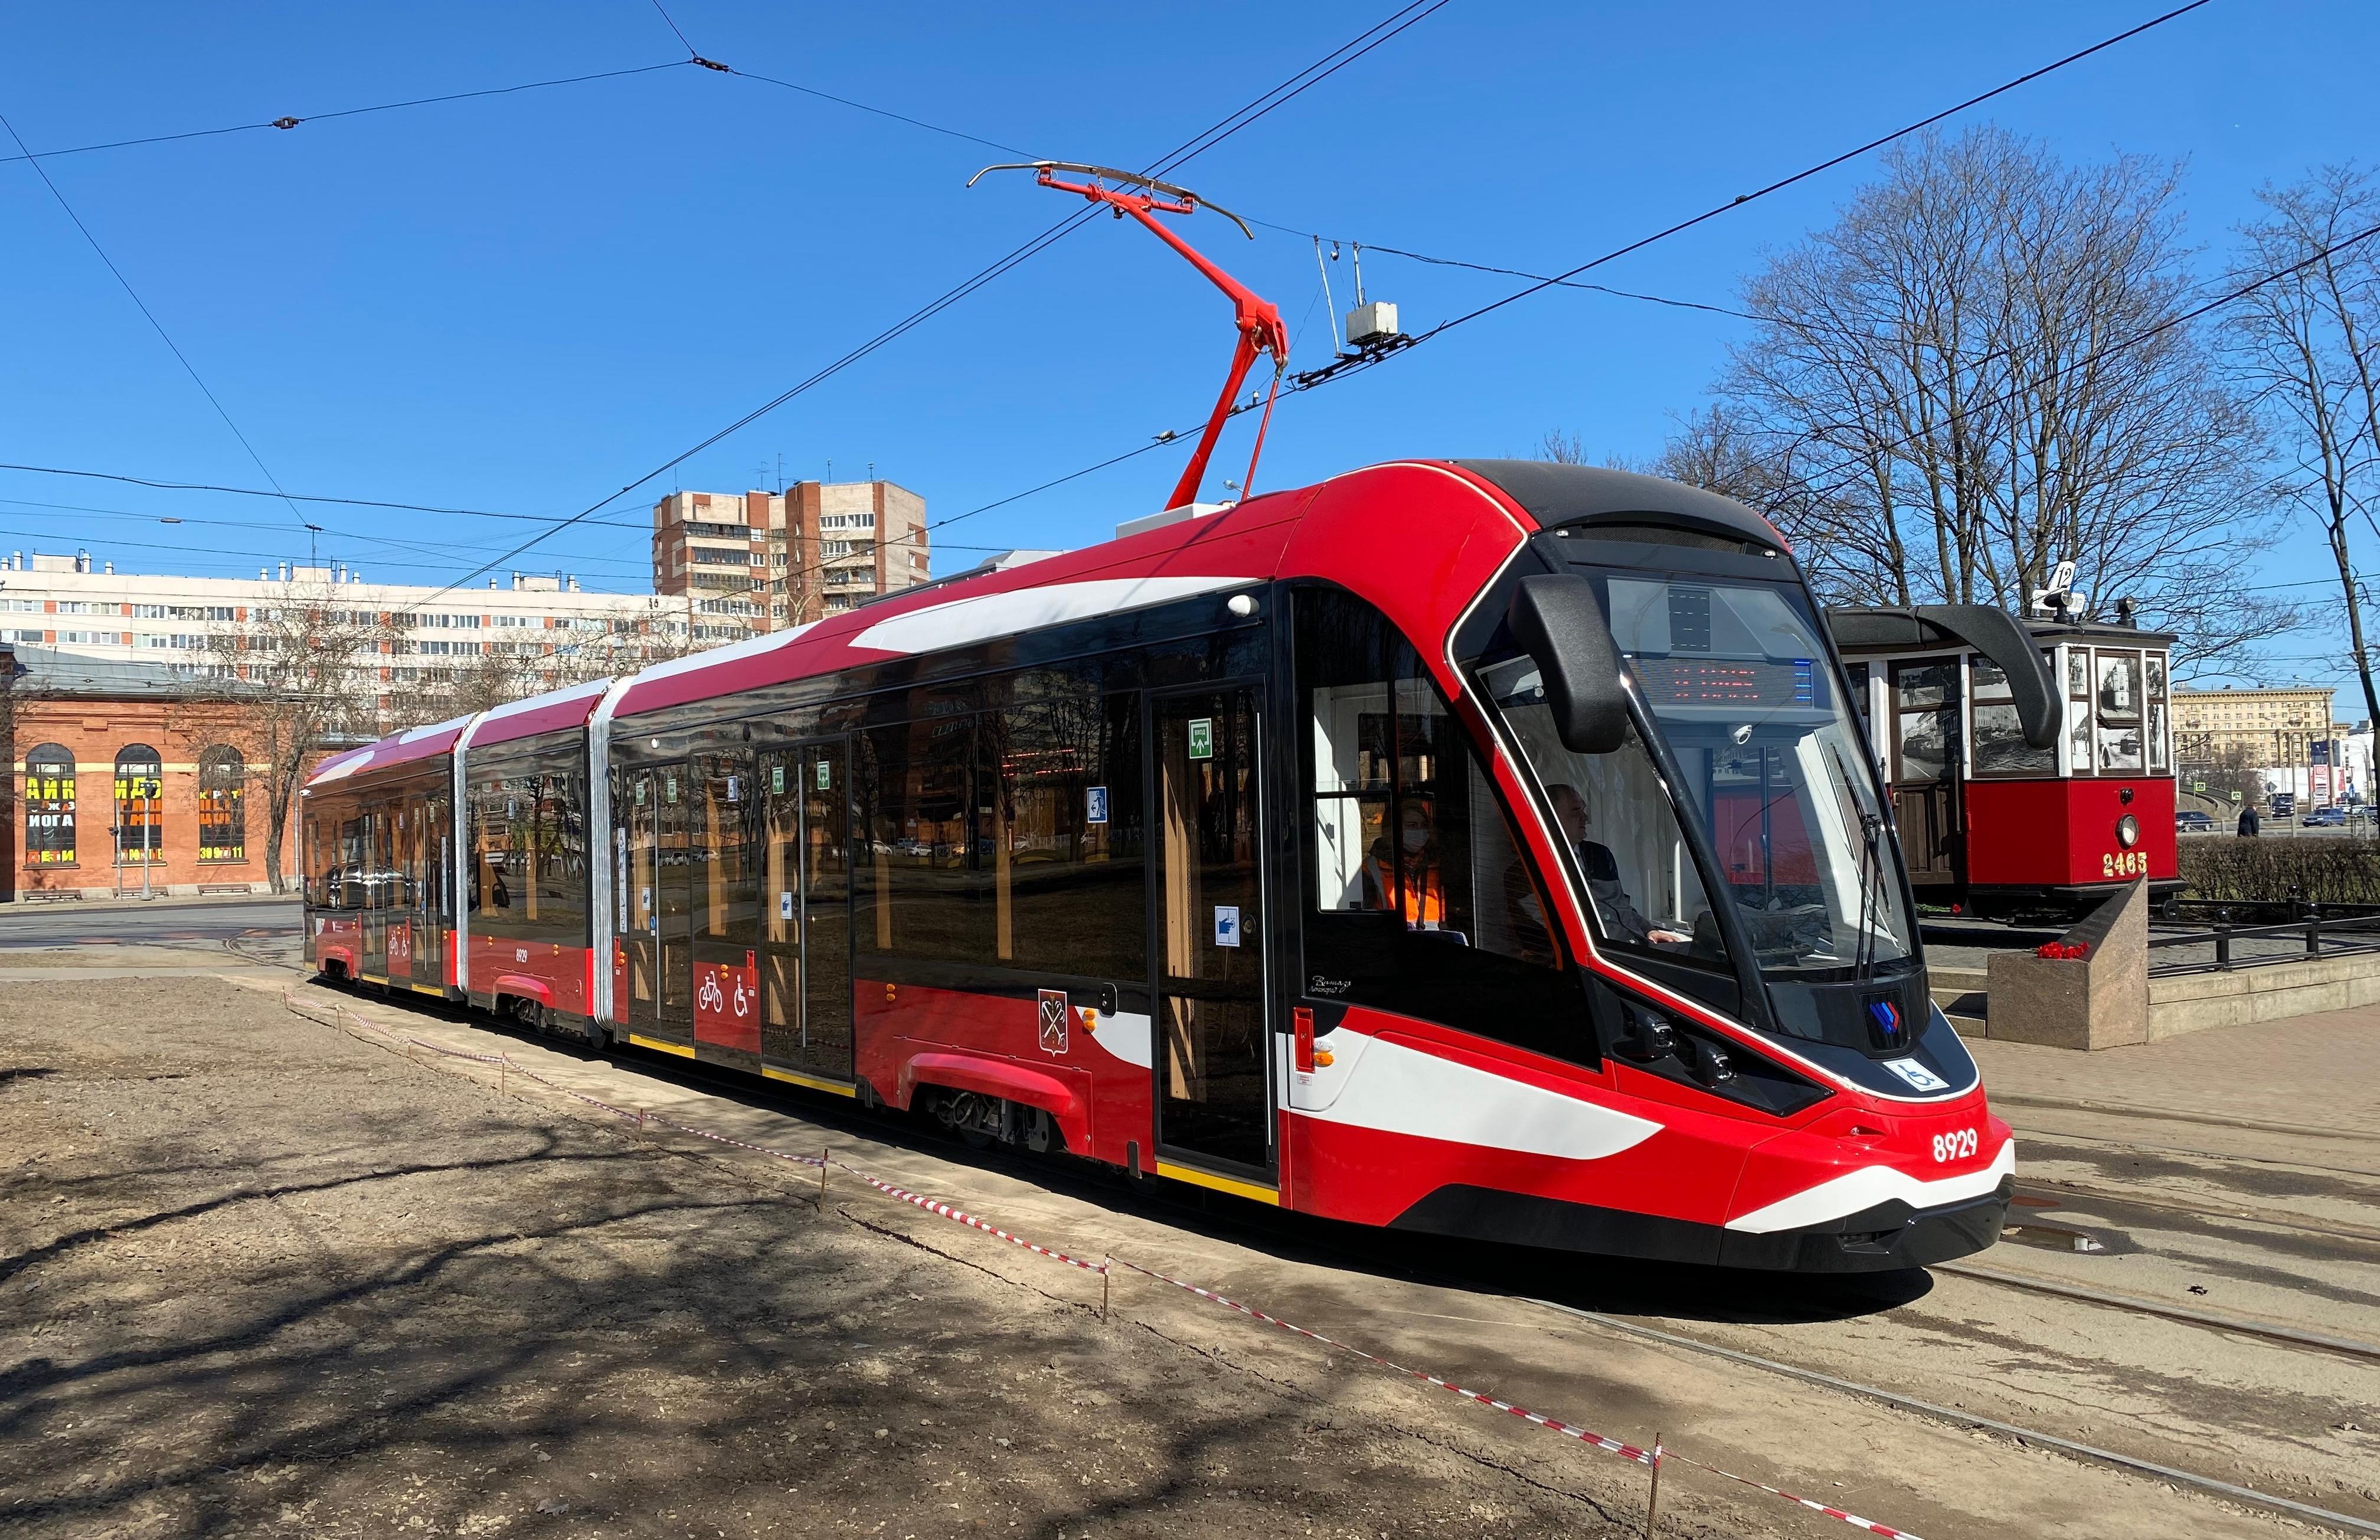 Сверхлегкий трамвай производства Тверь – Санкт-Петербург вышел в первый рейс - новости Афанасий